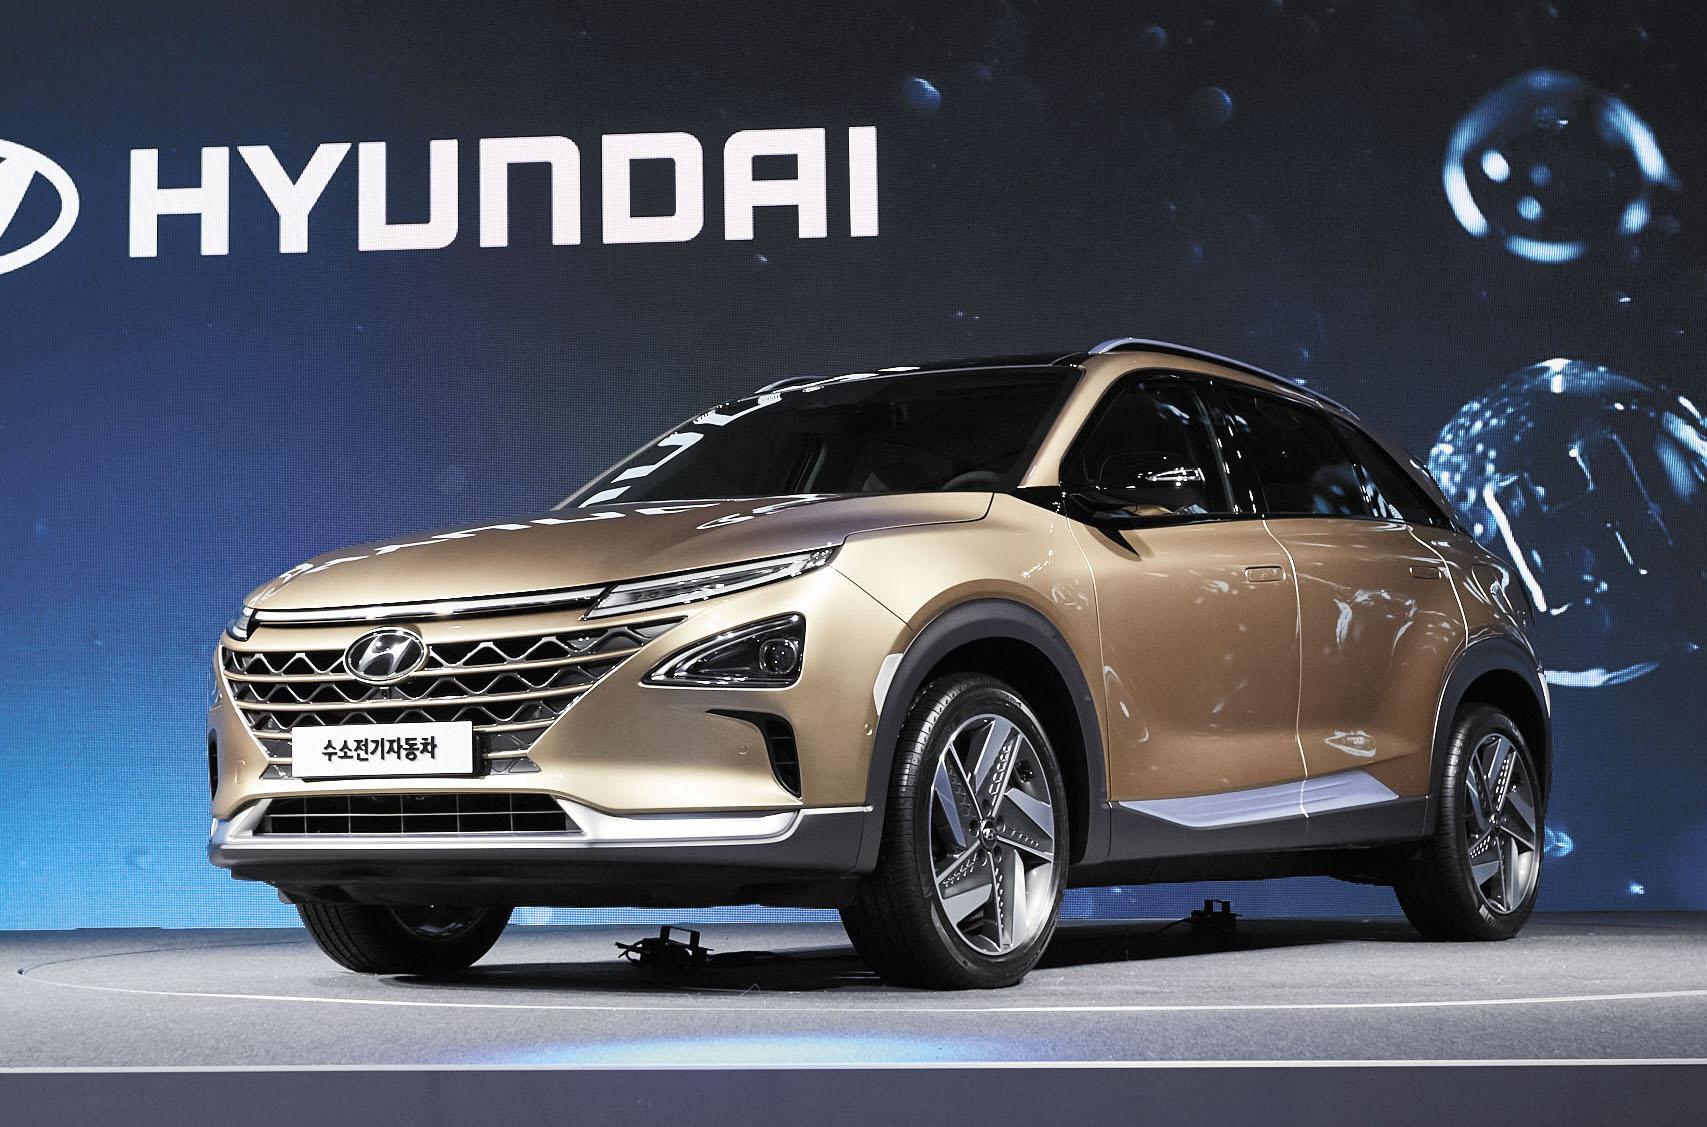 Picture of: Hyundai Korer Op Til 800 Km Pa Brint Og Udleder Kun Vand Bilmagasinet Dk